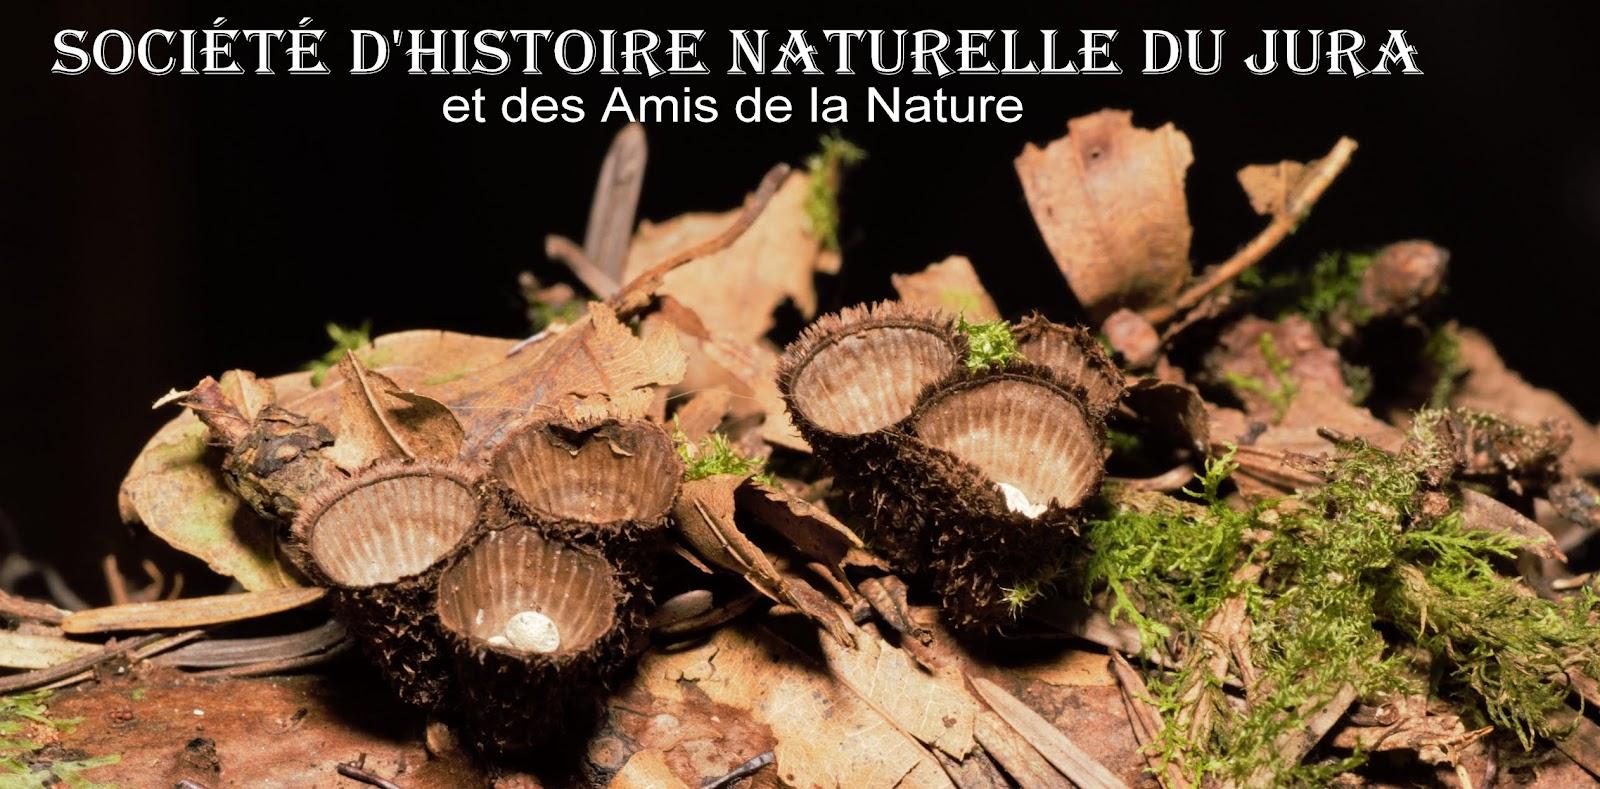 SHNJ. SOCIÉTÉ D'HISTOIRE NATURELLE DU JURA et des Amis de la Nature